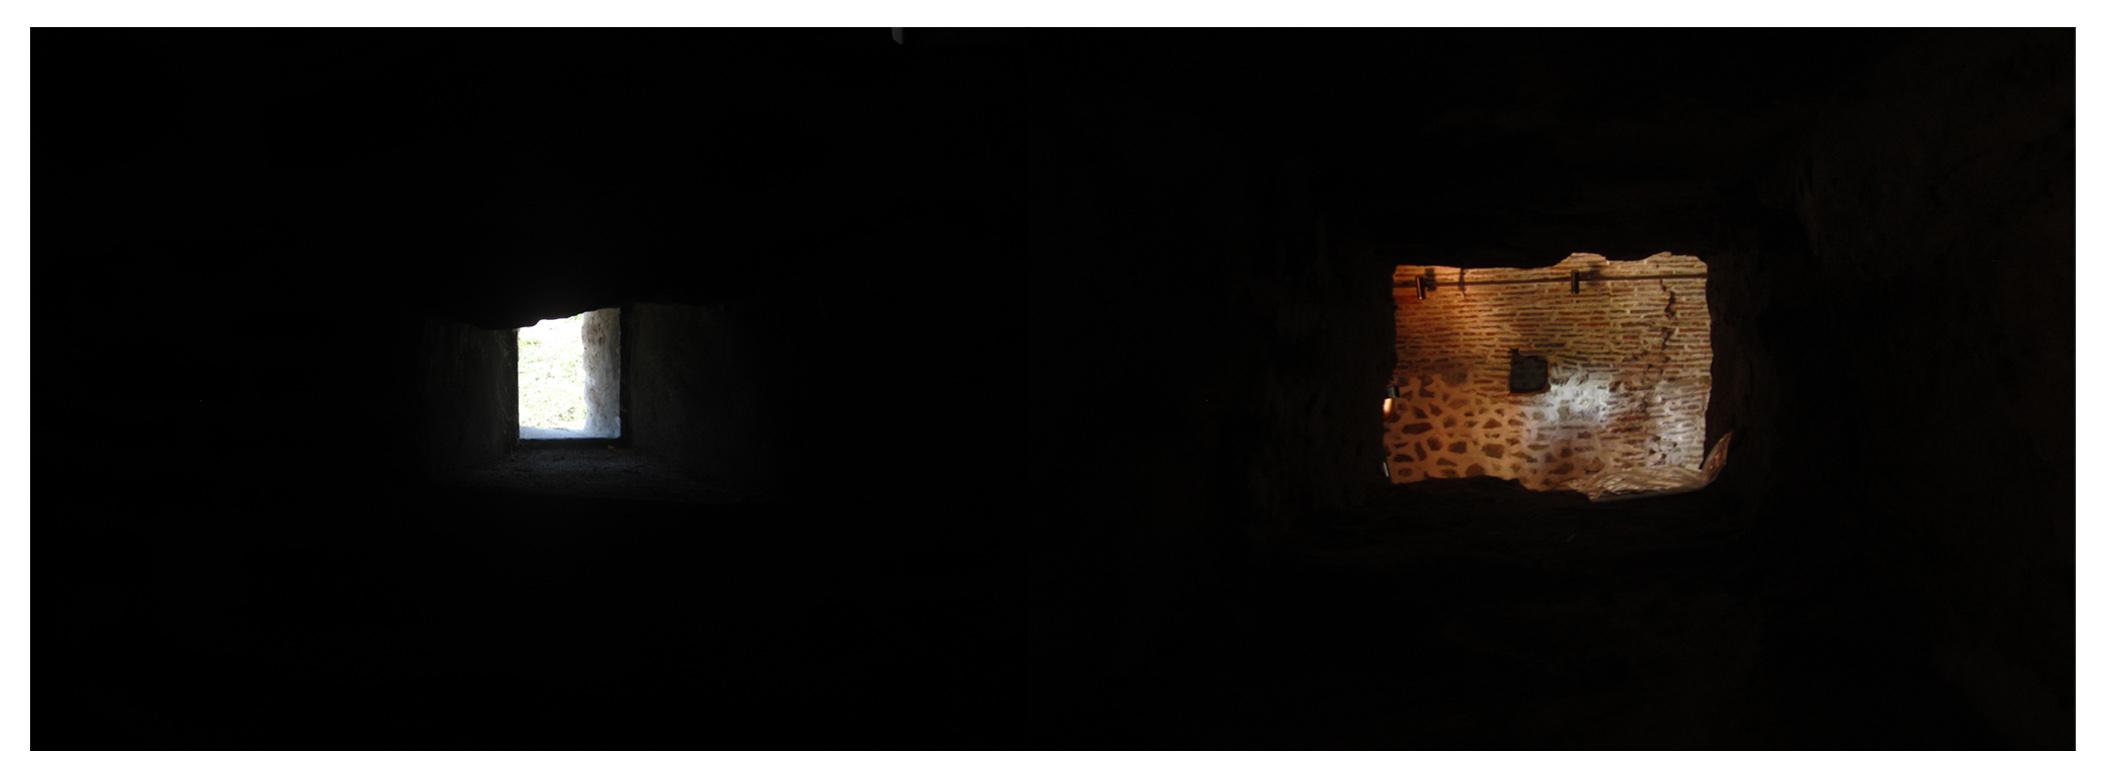 10 niska tvrdjava barutana